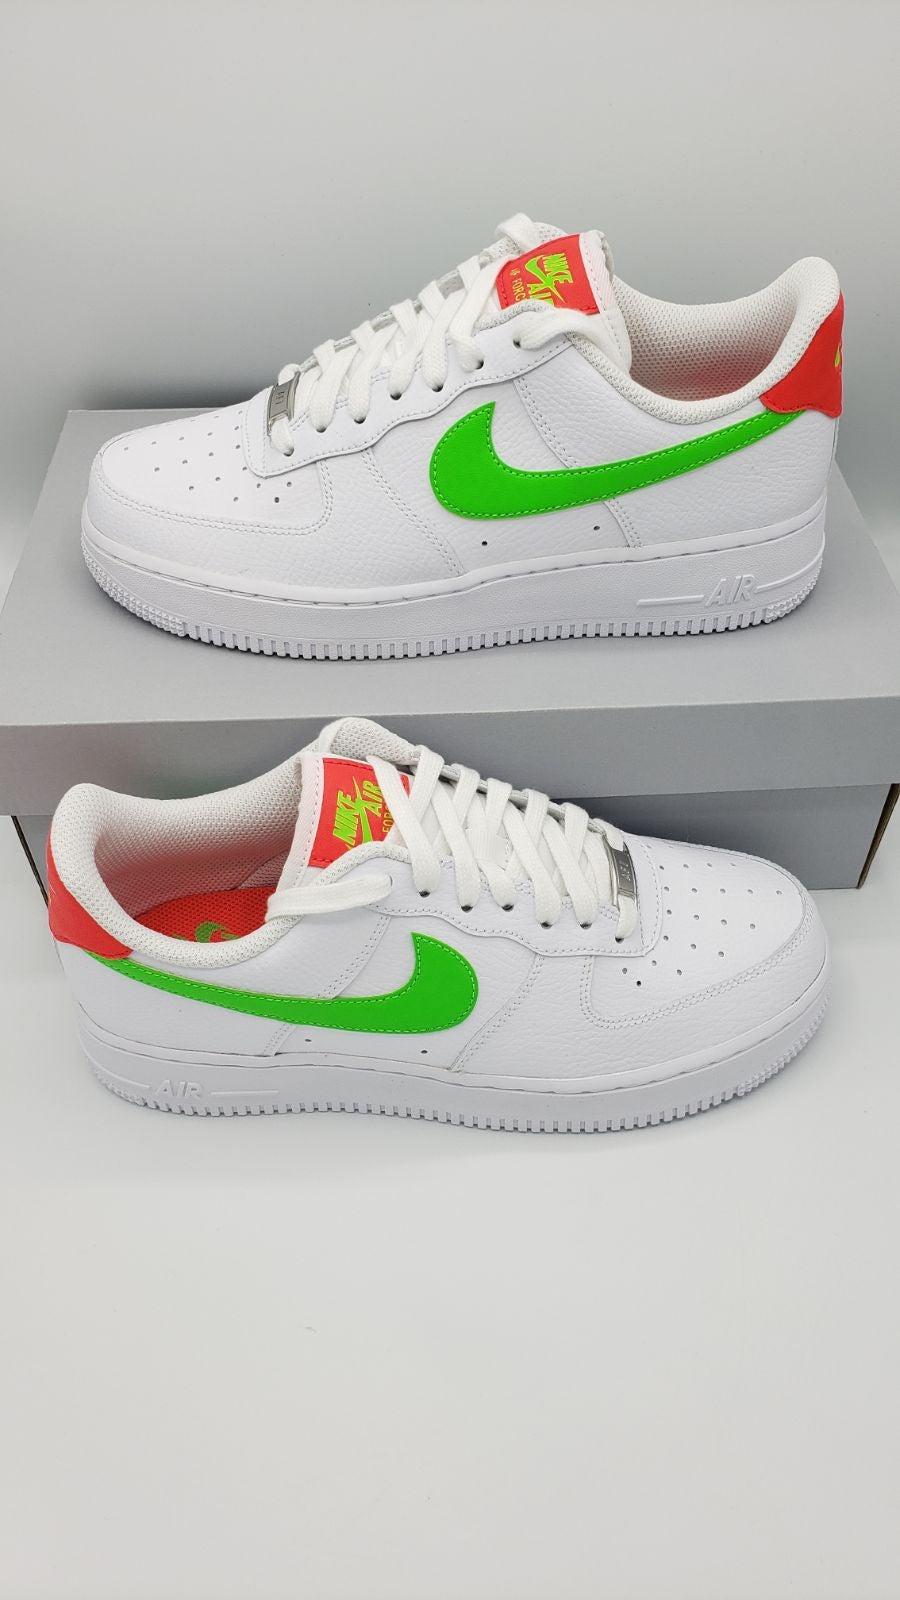 Nike Air Force 1 07 Watermelon